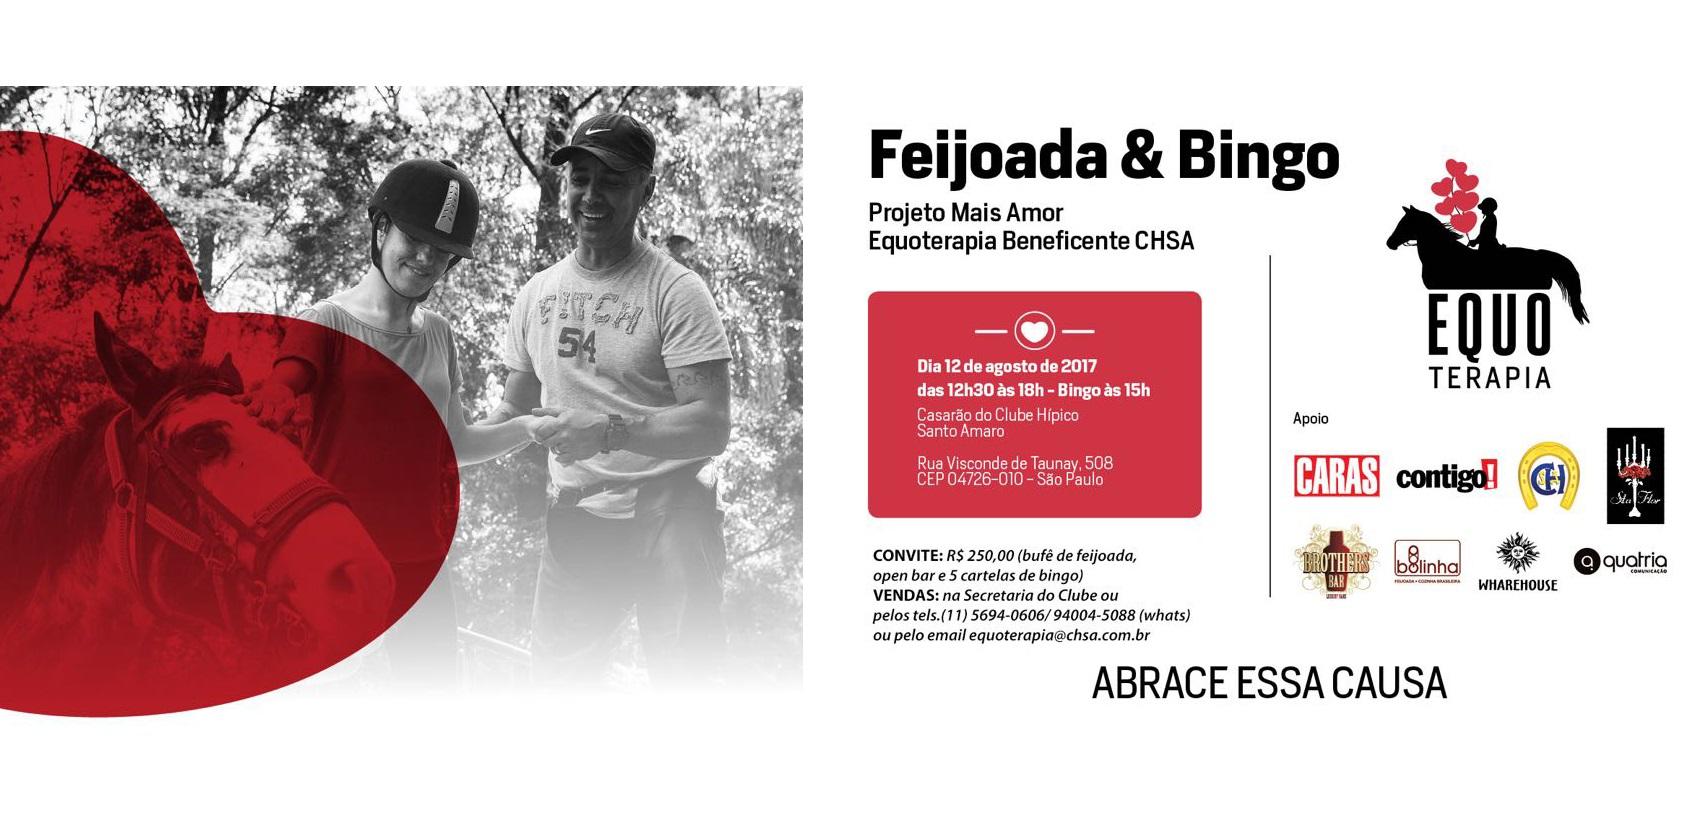 Vem aí Feijoada & Bingo - Projeto Mais Amor Equoterapia Beneficente CHSA em 12/8 41